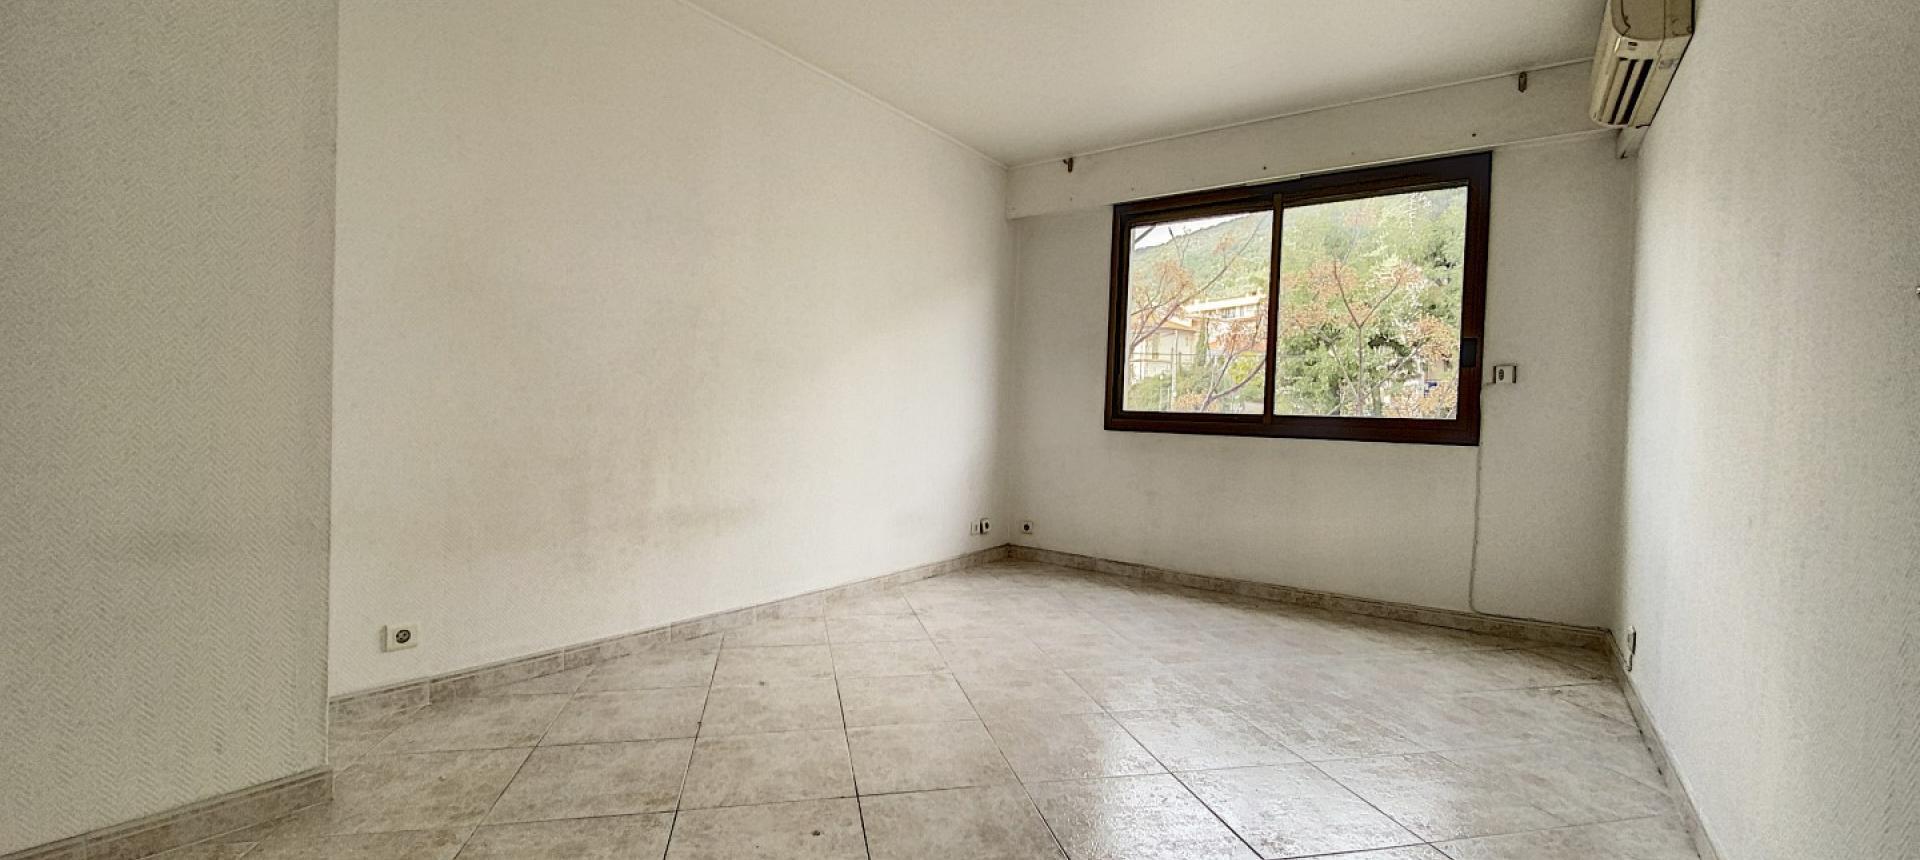 F3 Quartier des étrangers Ajaccio - Chambre 1